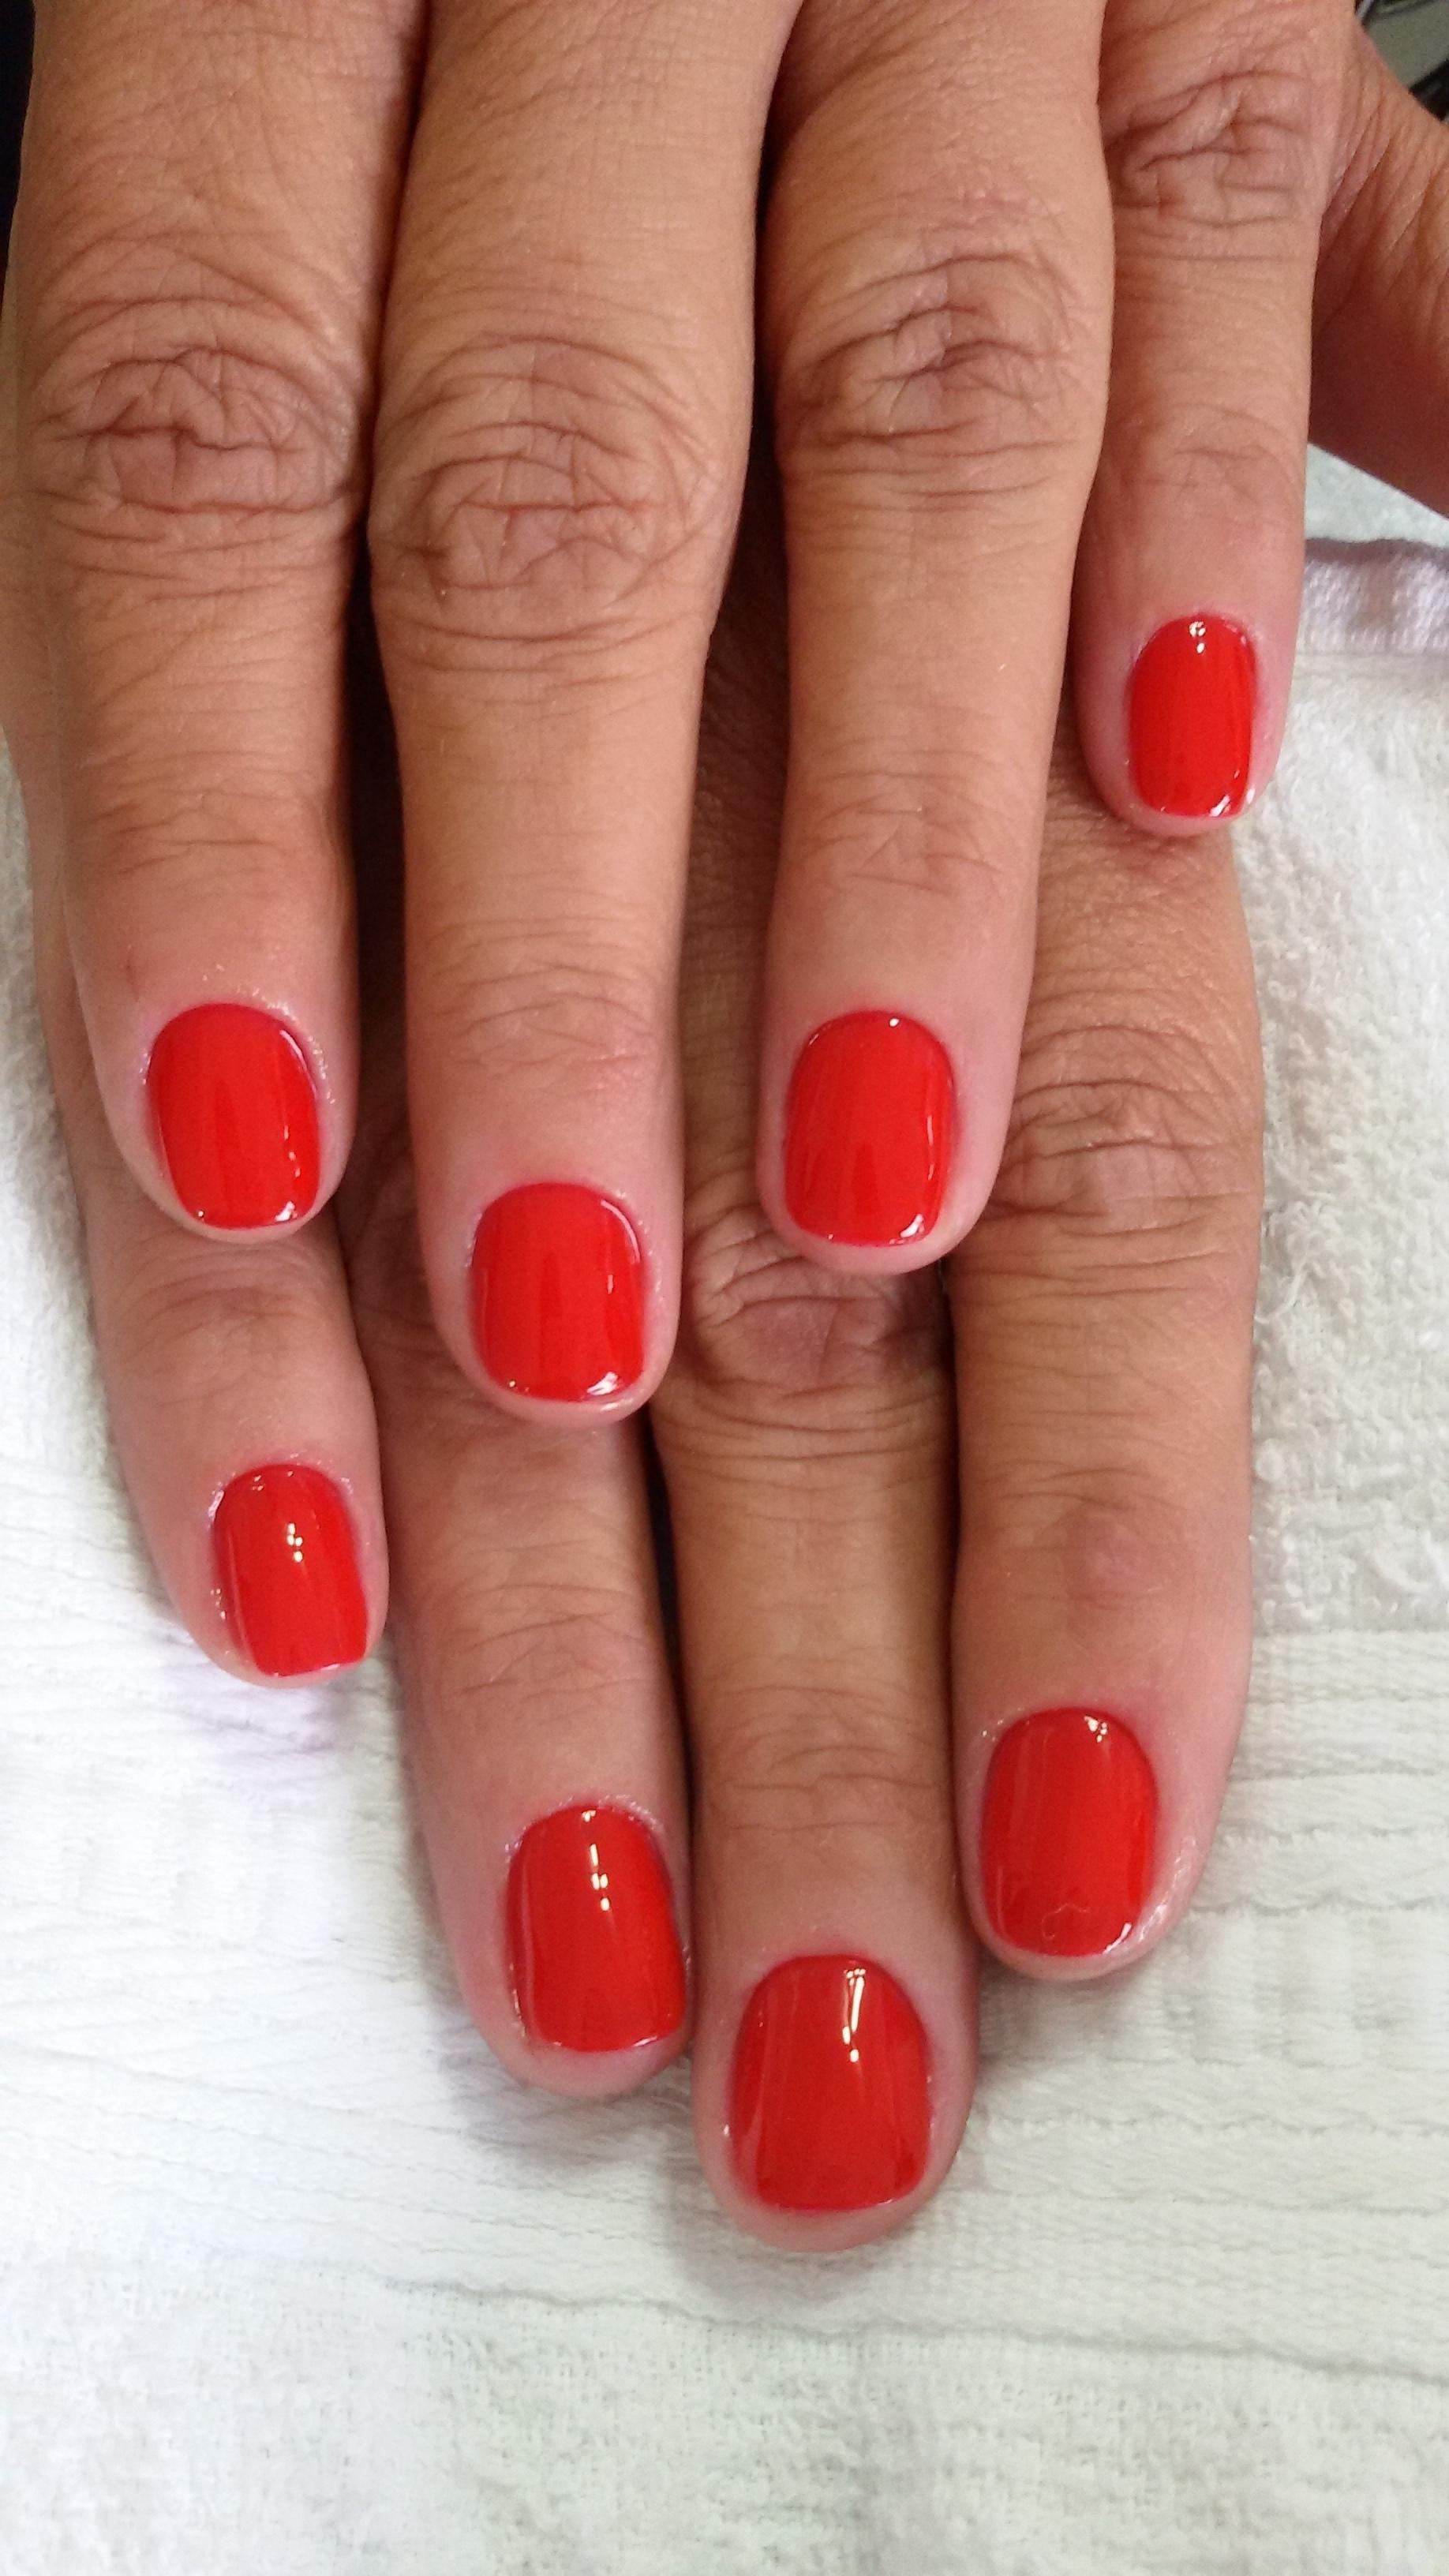 #Nails #loveNails #nailsred #unhas #amounhas #manicureEpedicure  unha maquiador(a) esteticista manicure e pedicure designer de sobrancelhas